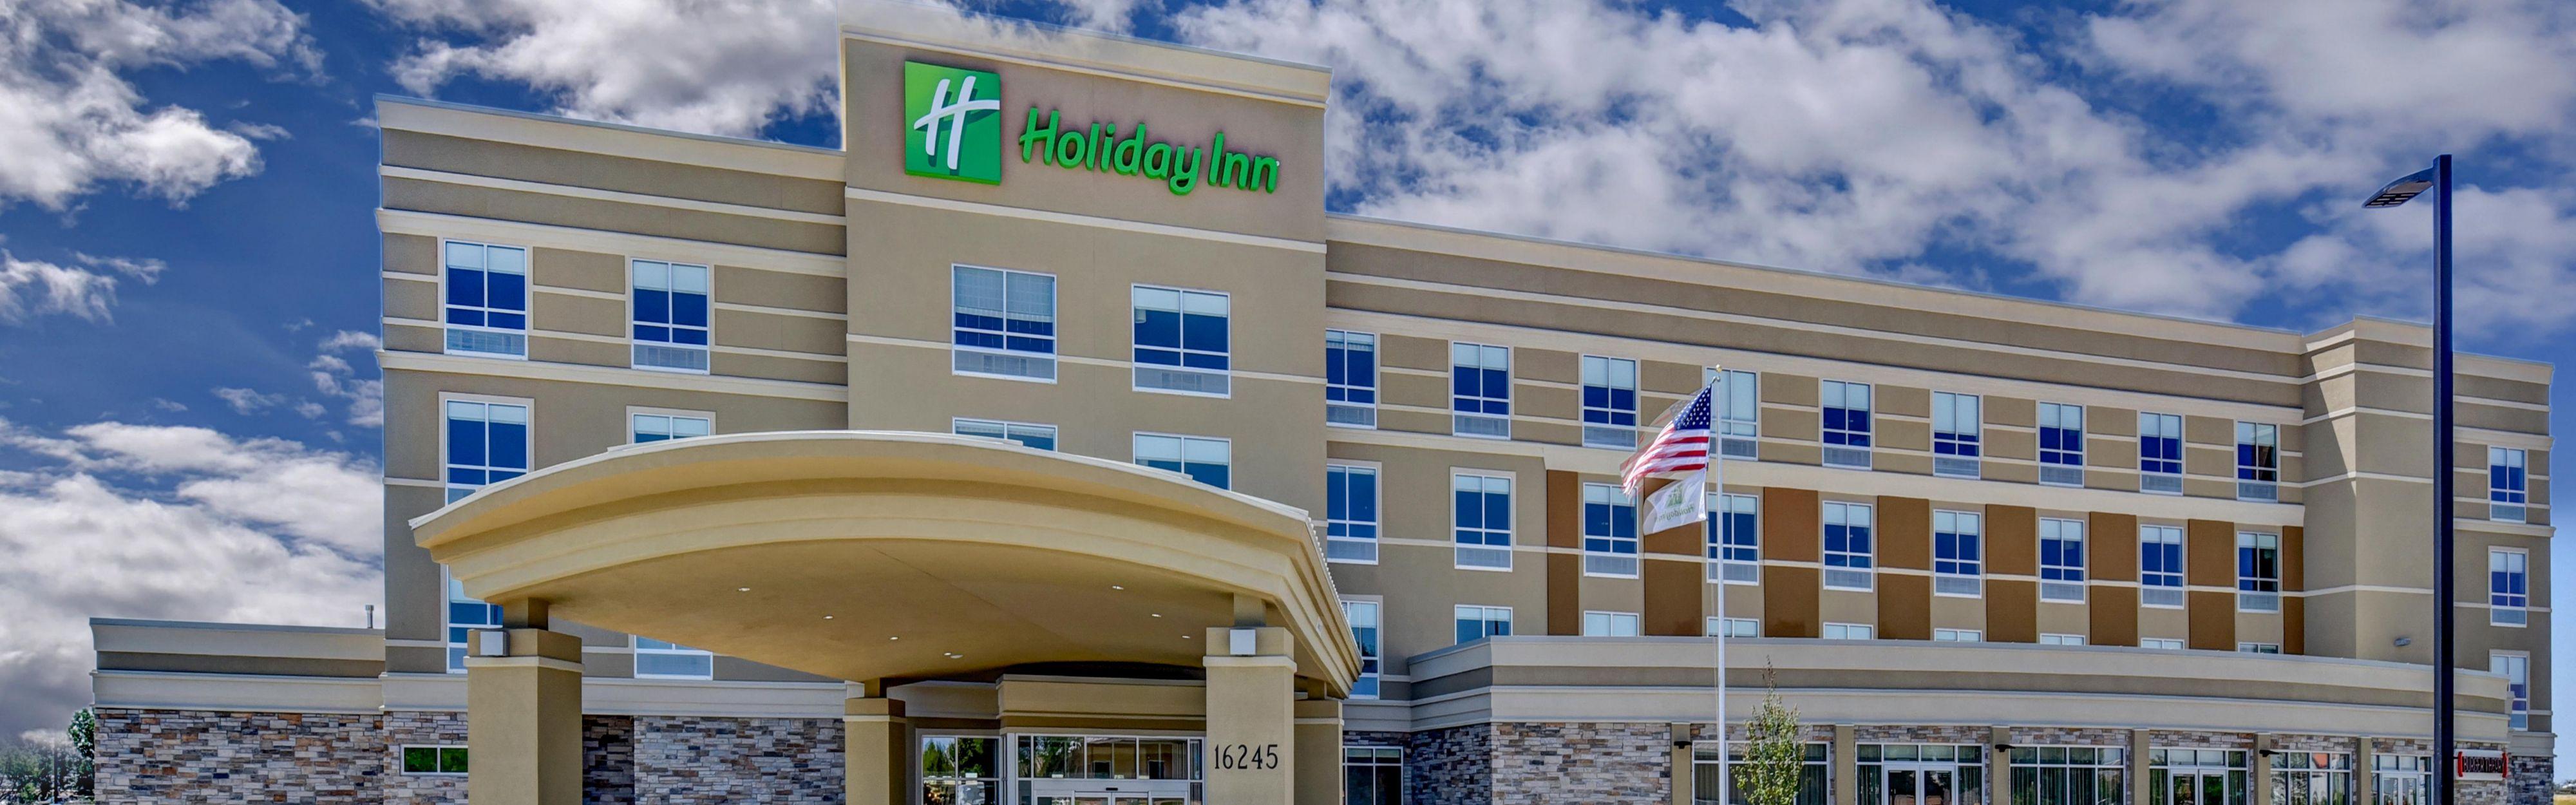 Holiday Inn Nampa image 0